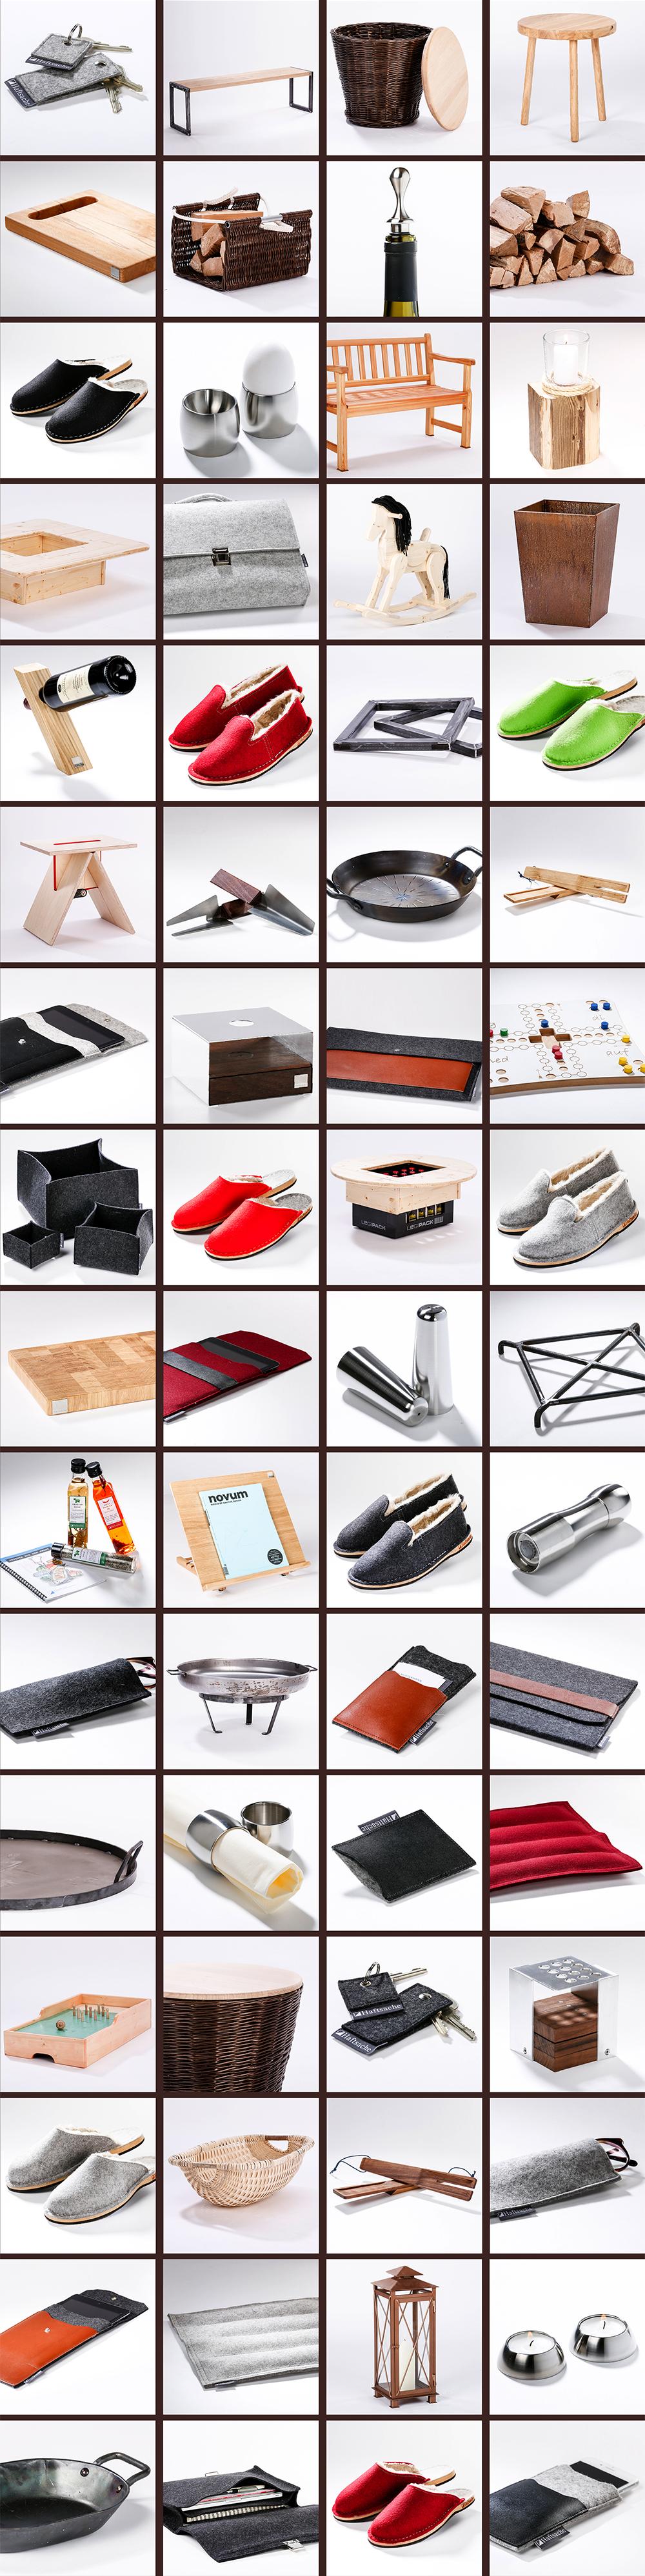 Riegg_und_Partner_Fotostudio_Produktfotografie_ Haftsache